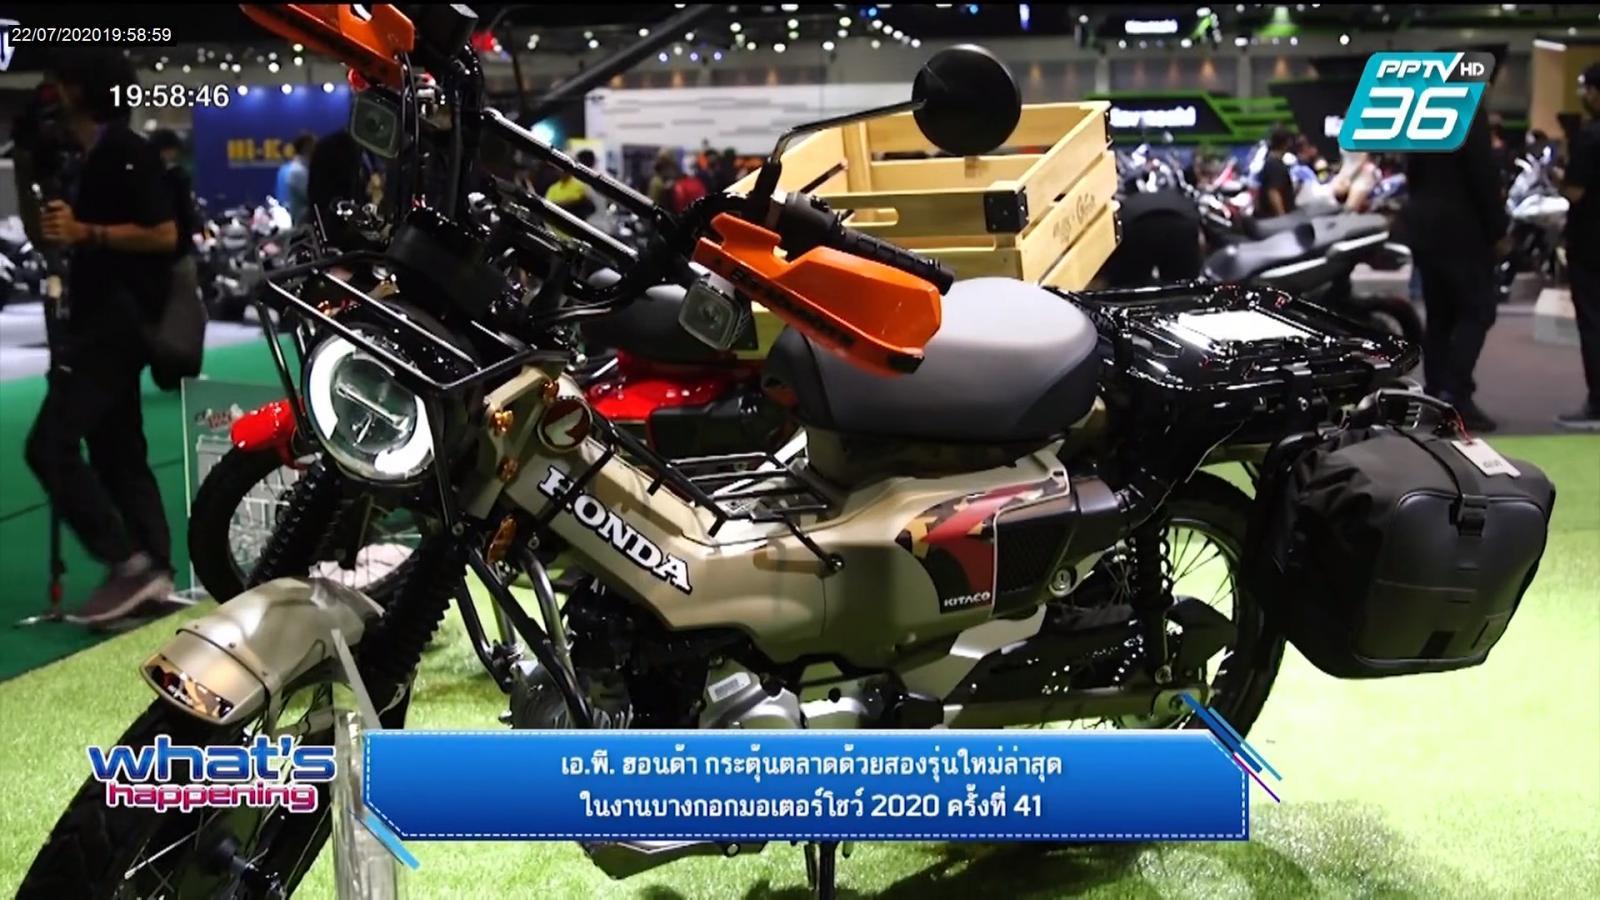 เอ.พี. ฮอนด้ากระตุ้นตลาดด้วยสองรุ่นใหม่ ในงาน บางกอก อินเตอร์เนชั่นแนล มอเตอร์โชว์ 2020 ครั้งที่ 41